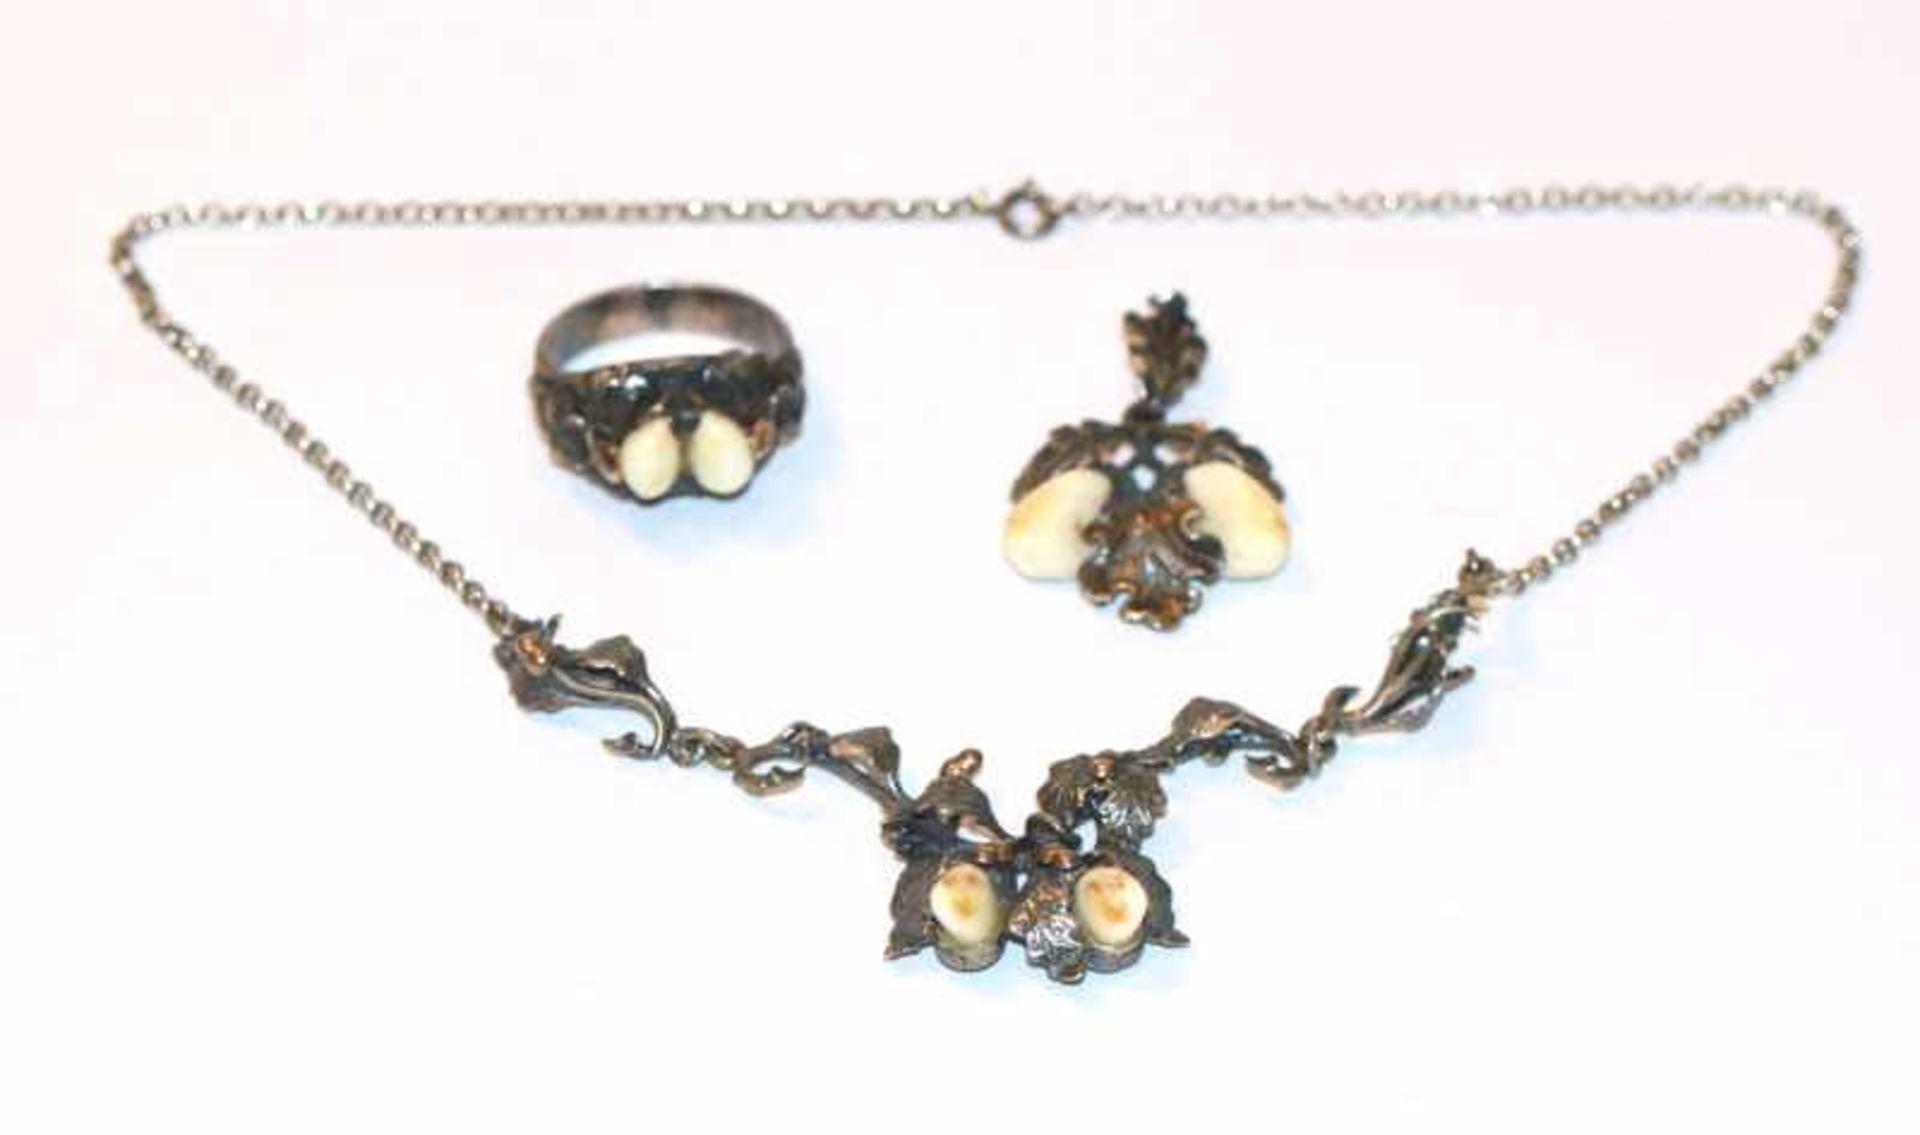 Silber Grandel-Schmuck-Set: Collierkette, 38 cm, Anhänger, L 4 cm, und Ring, Gr. 67, alle mit